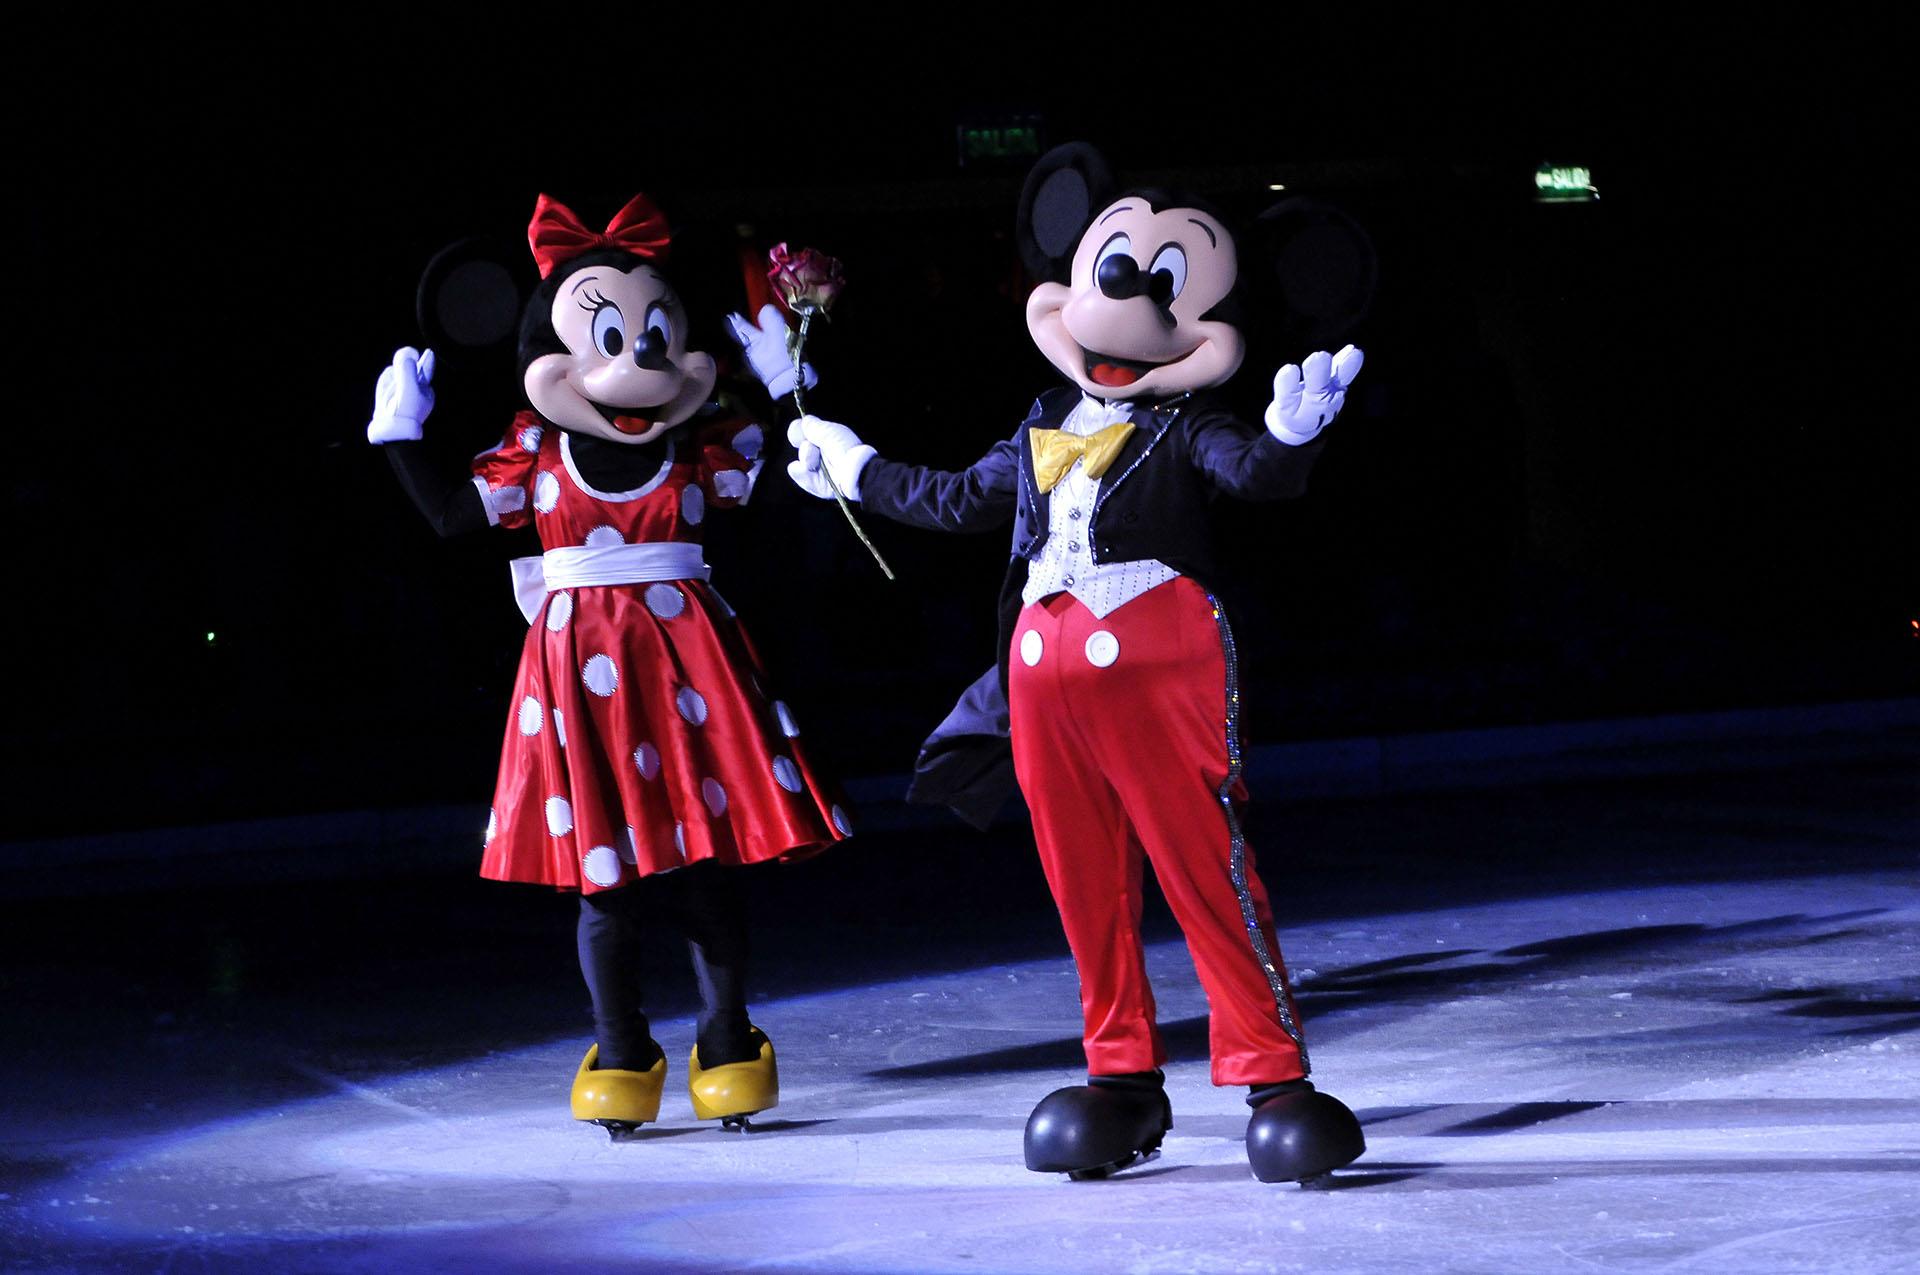 Los famosos disfrutaron del show de Disney on Ice junto a sus pequeños